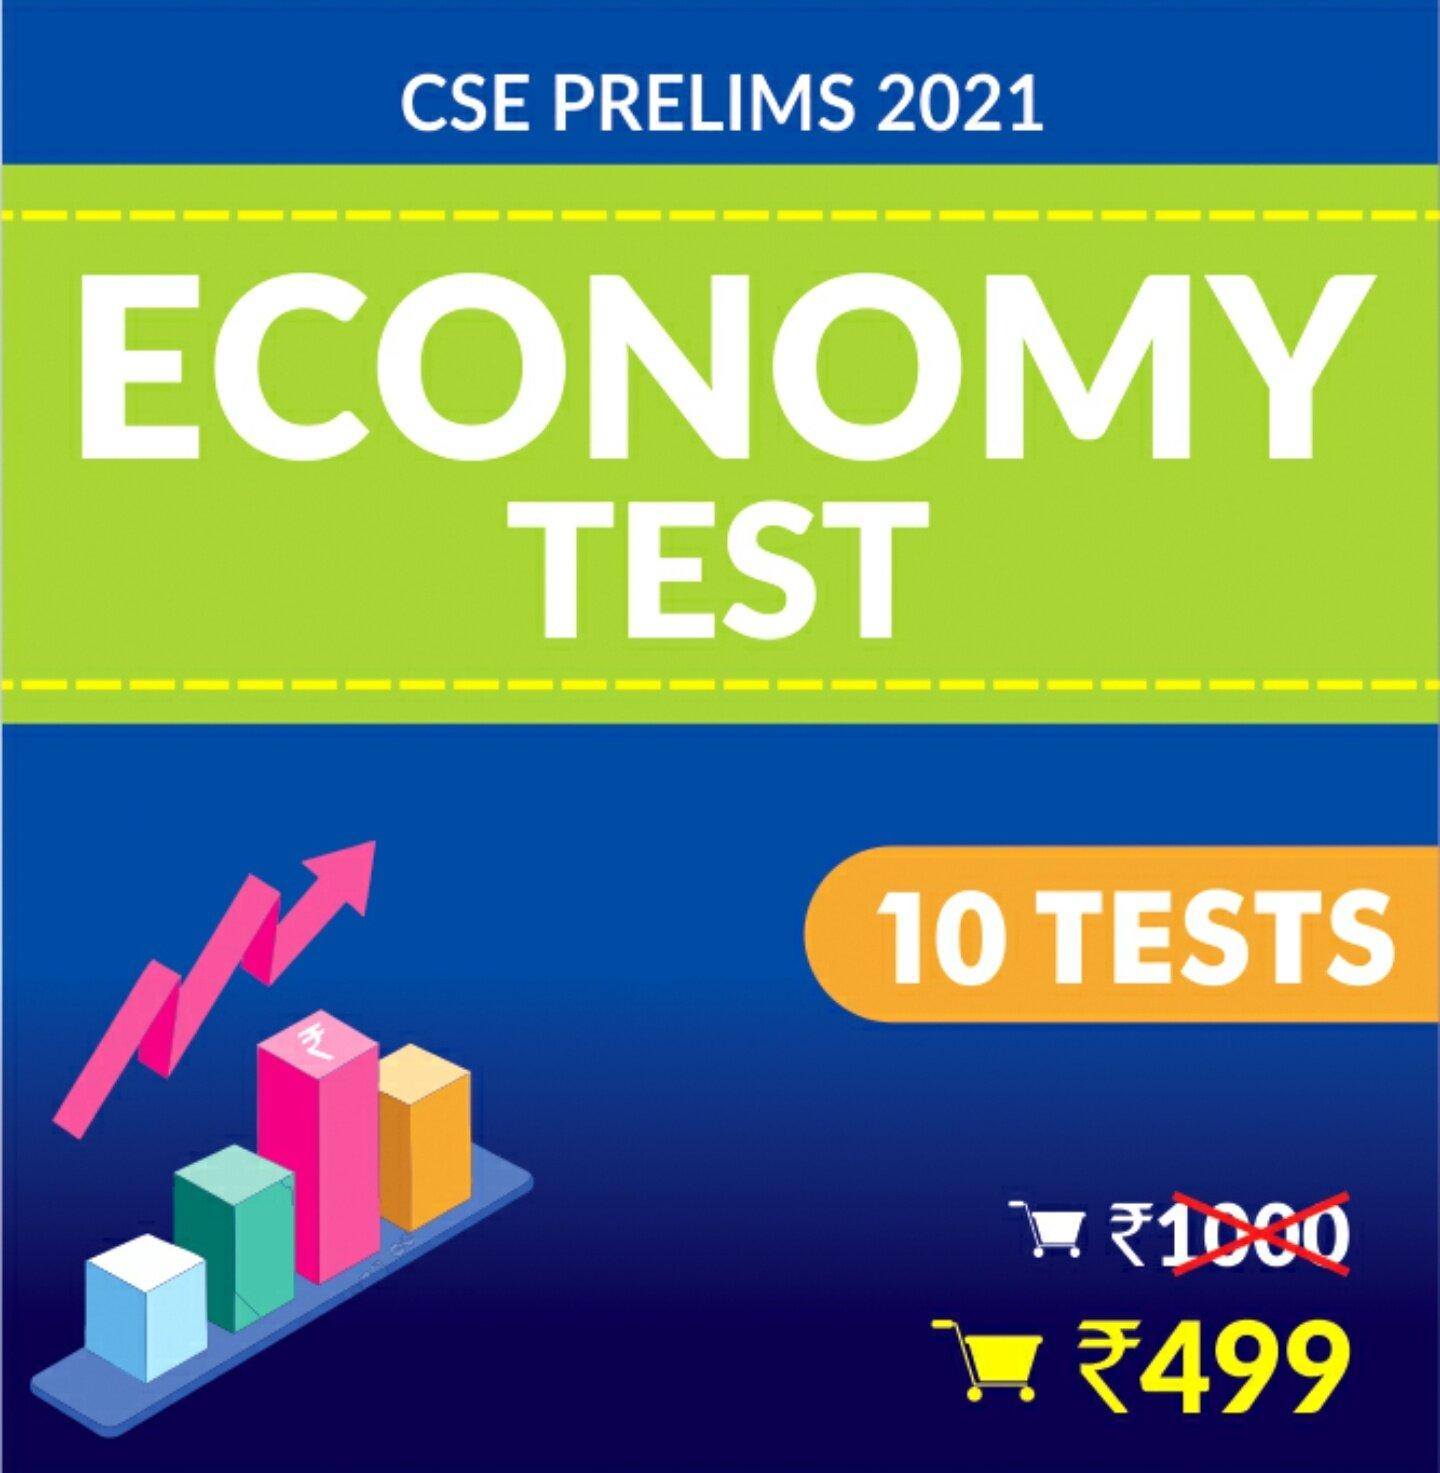 Economy Tests (CSE PRELIMS 2021)